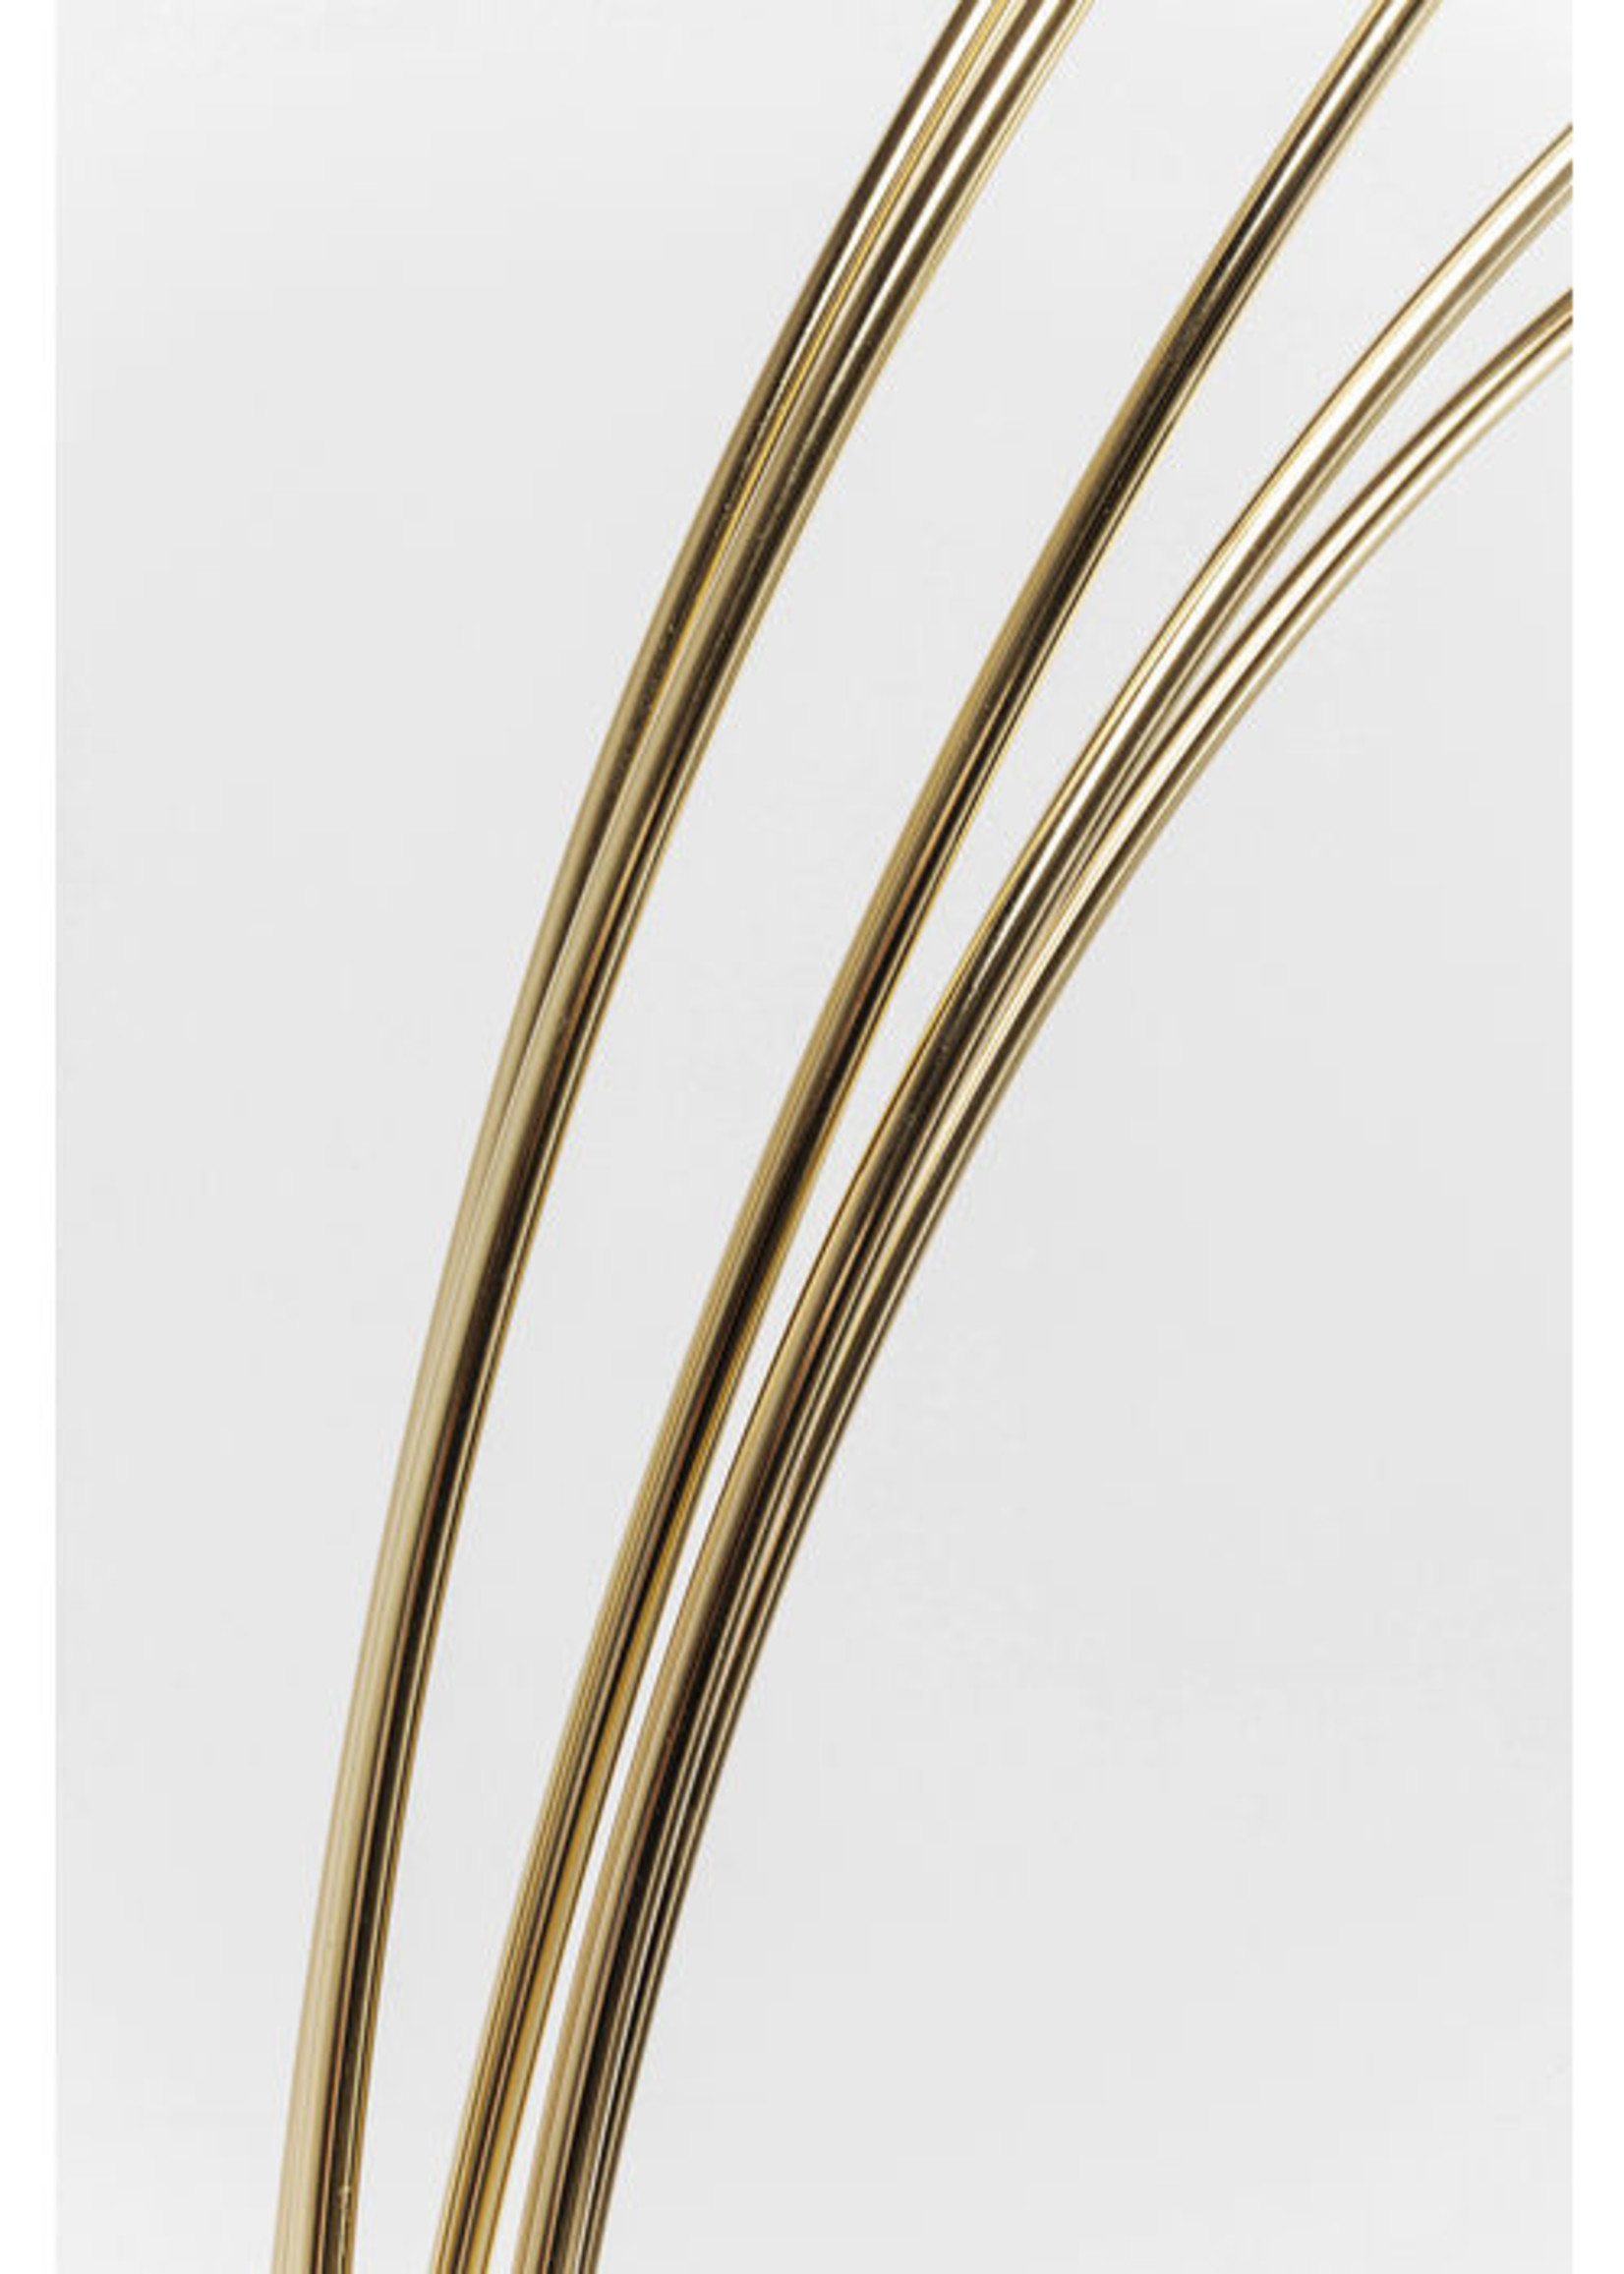 KARE DESIGN Floor Lamp Five Fingers Brass